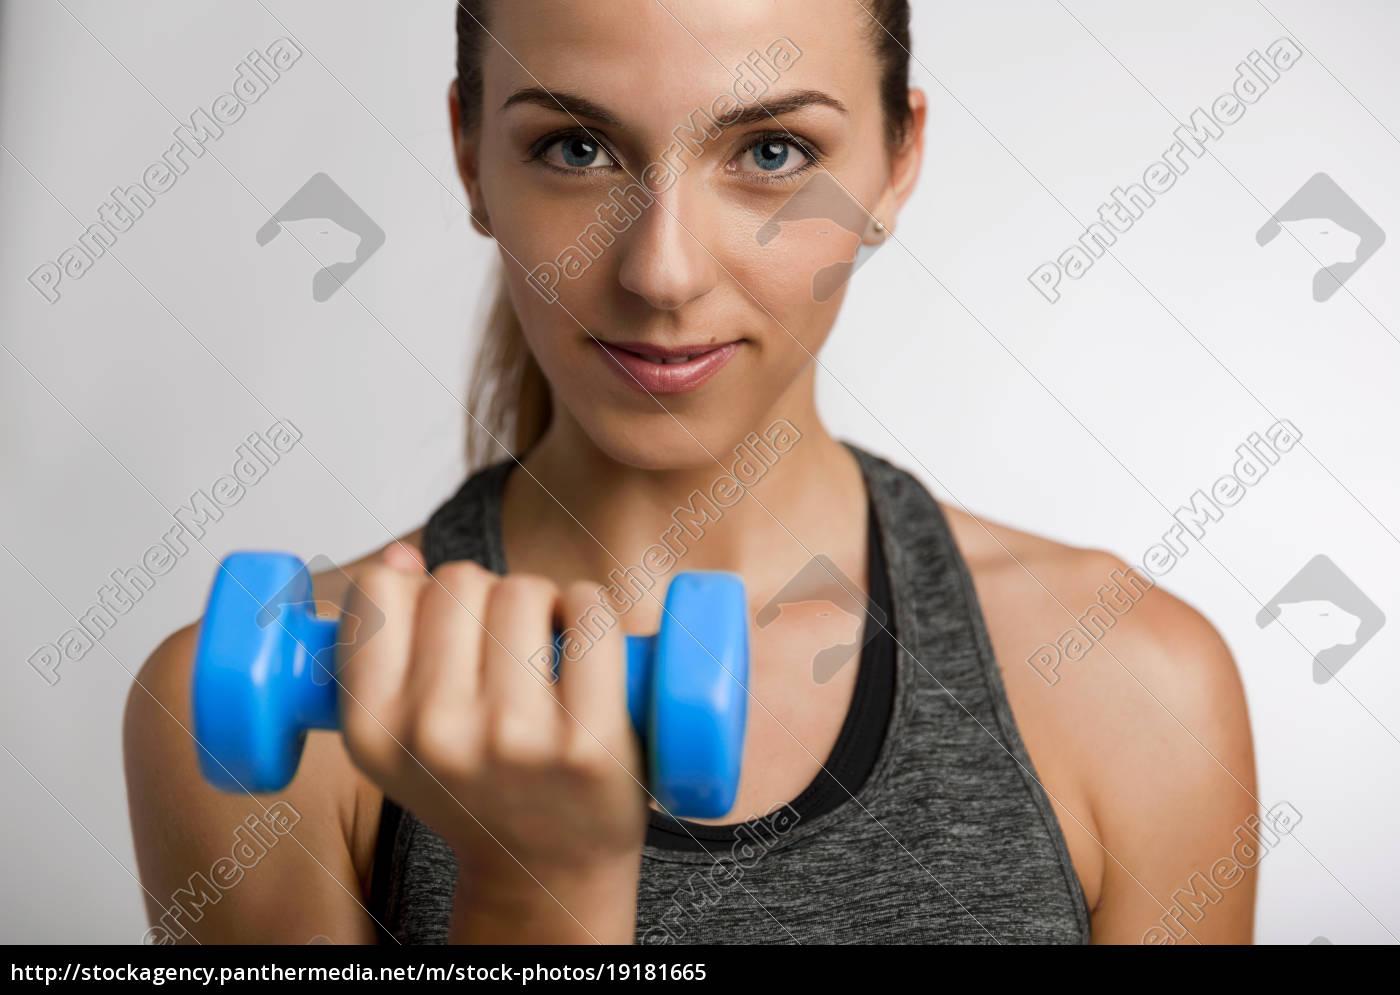 Stock Photo 19181665 Beautiful Fitness Woman